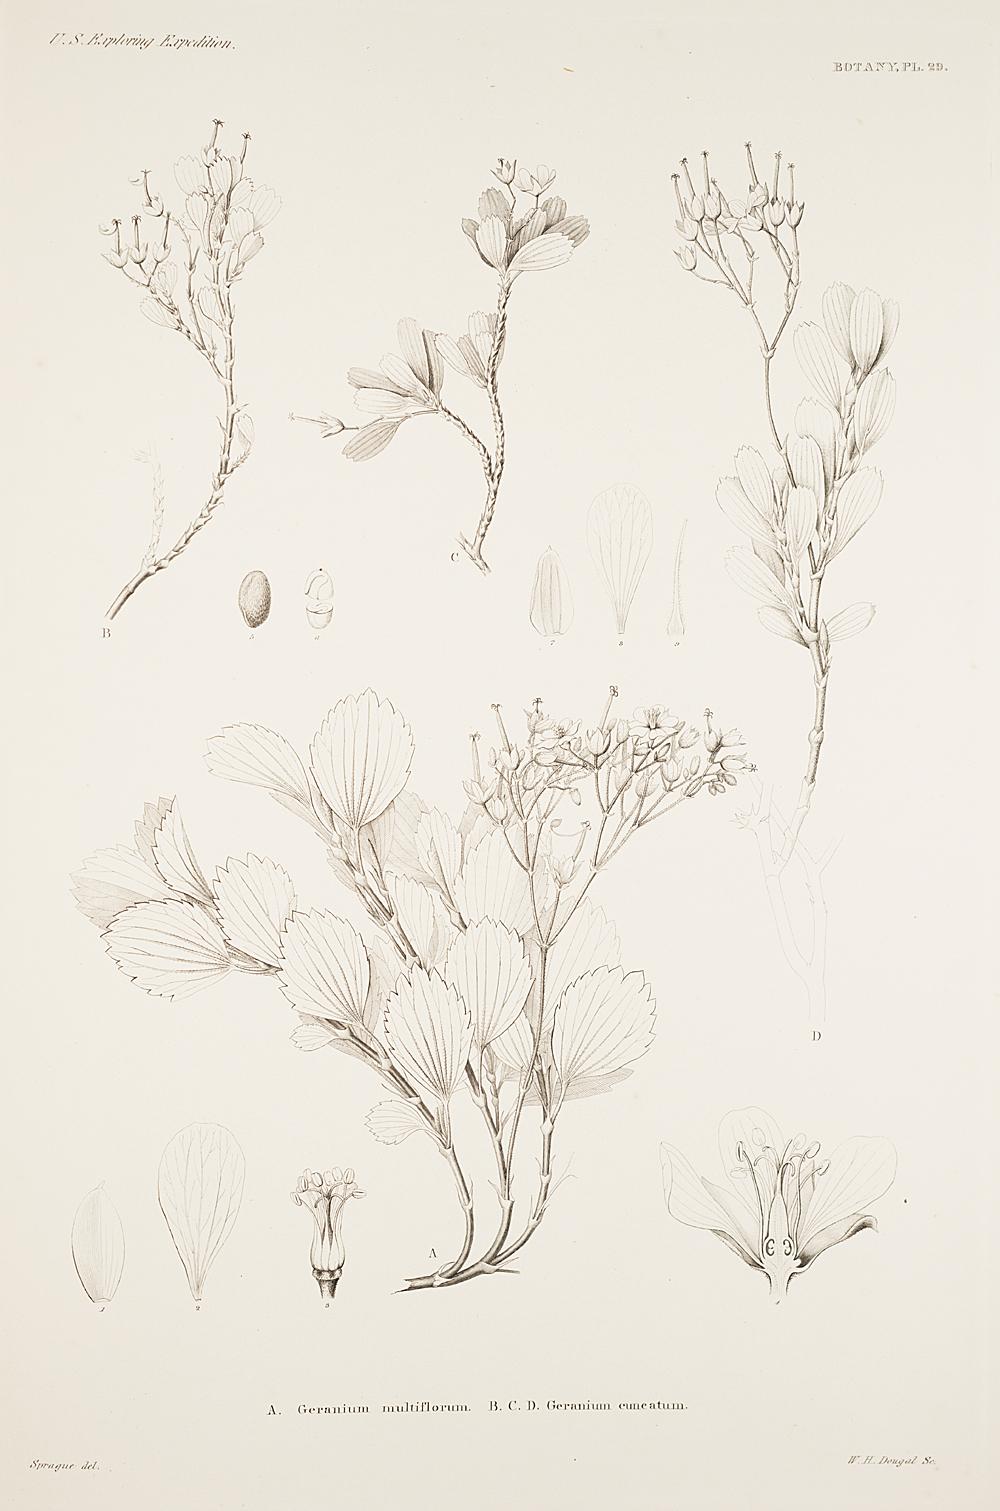 Botany, Pl. 29,  Image number:sil19-23-069b